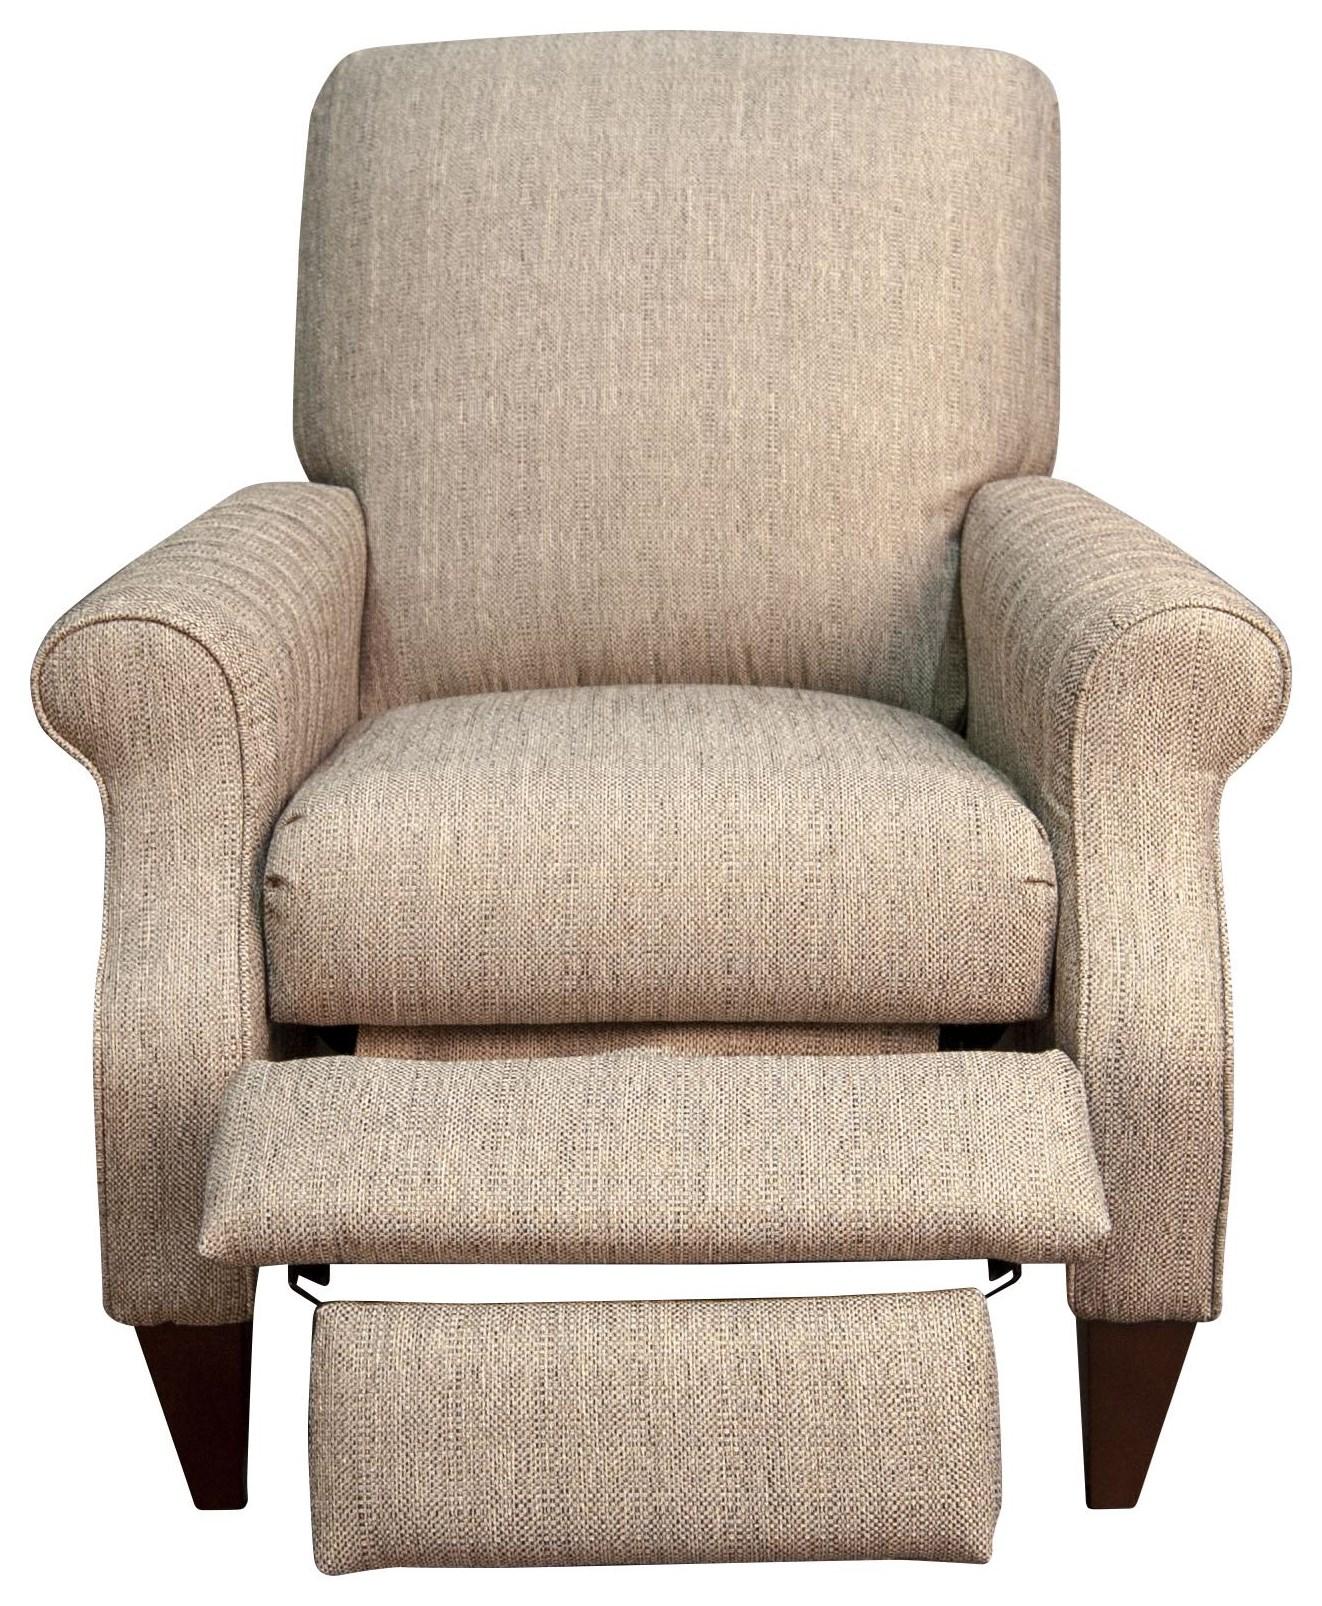 charlotte charlotte high leg recliner